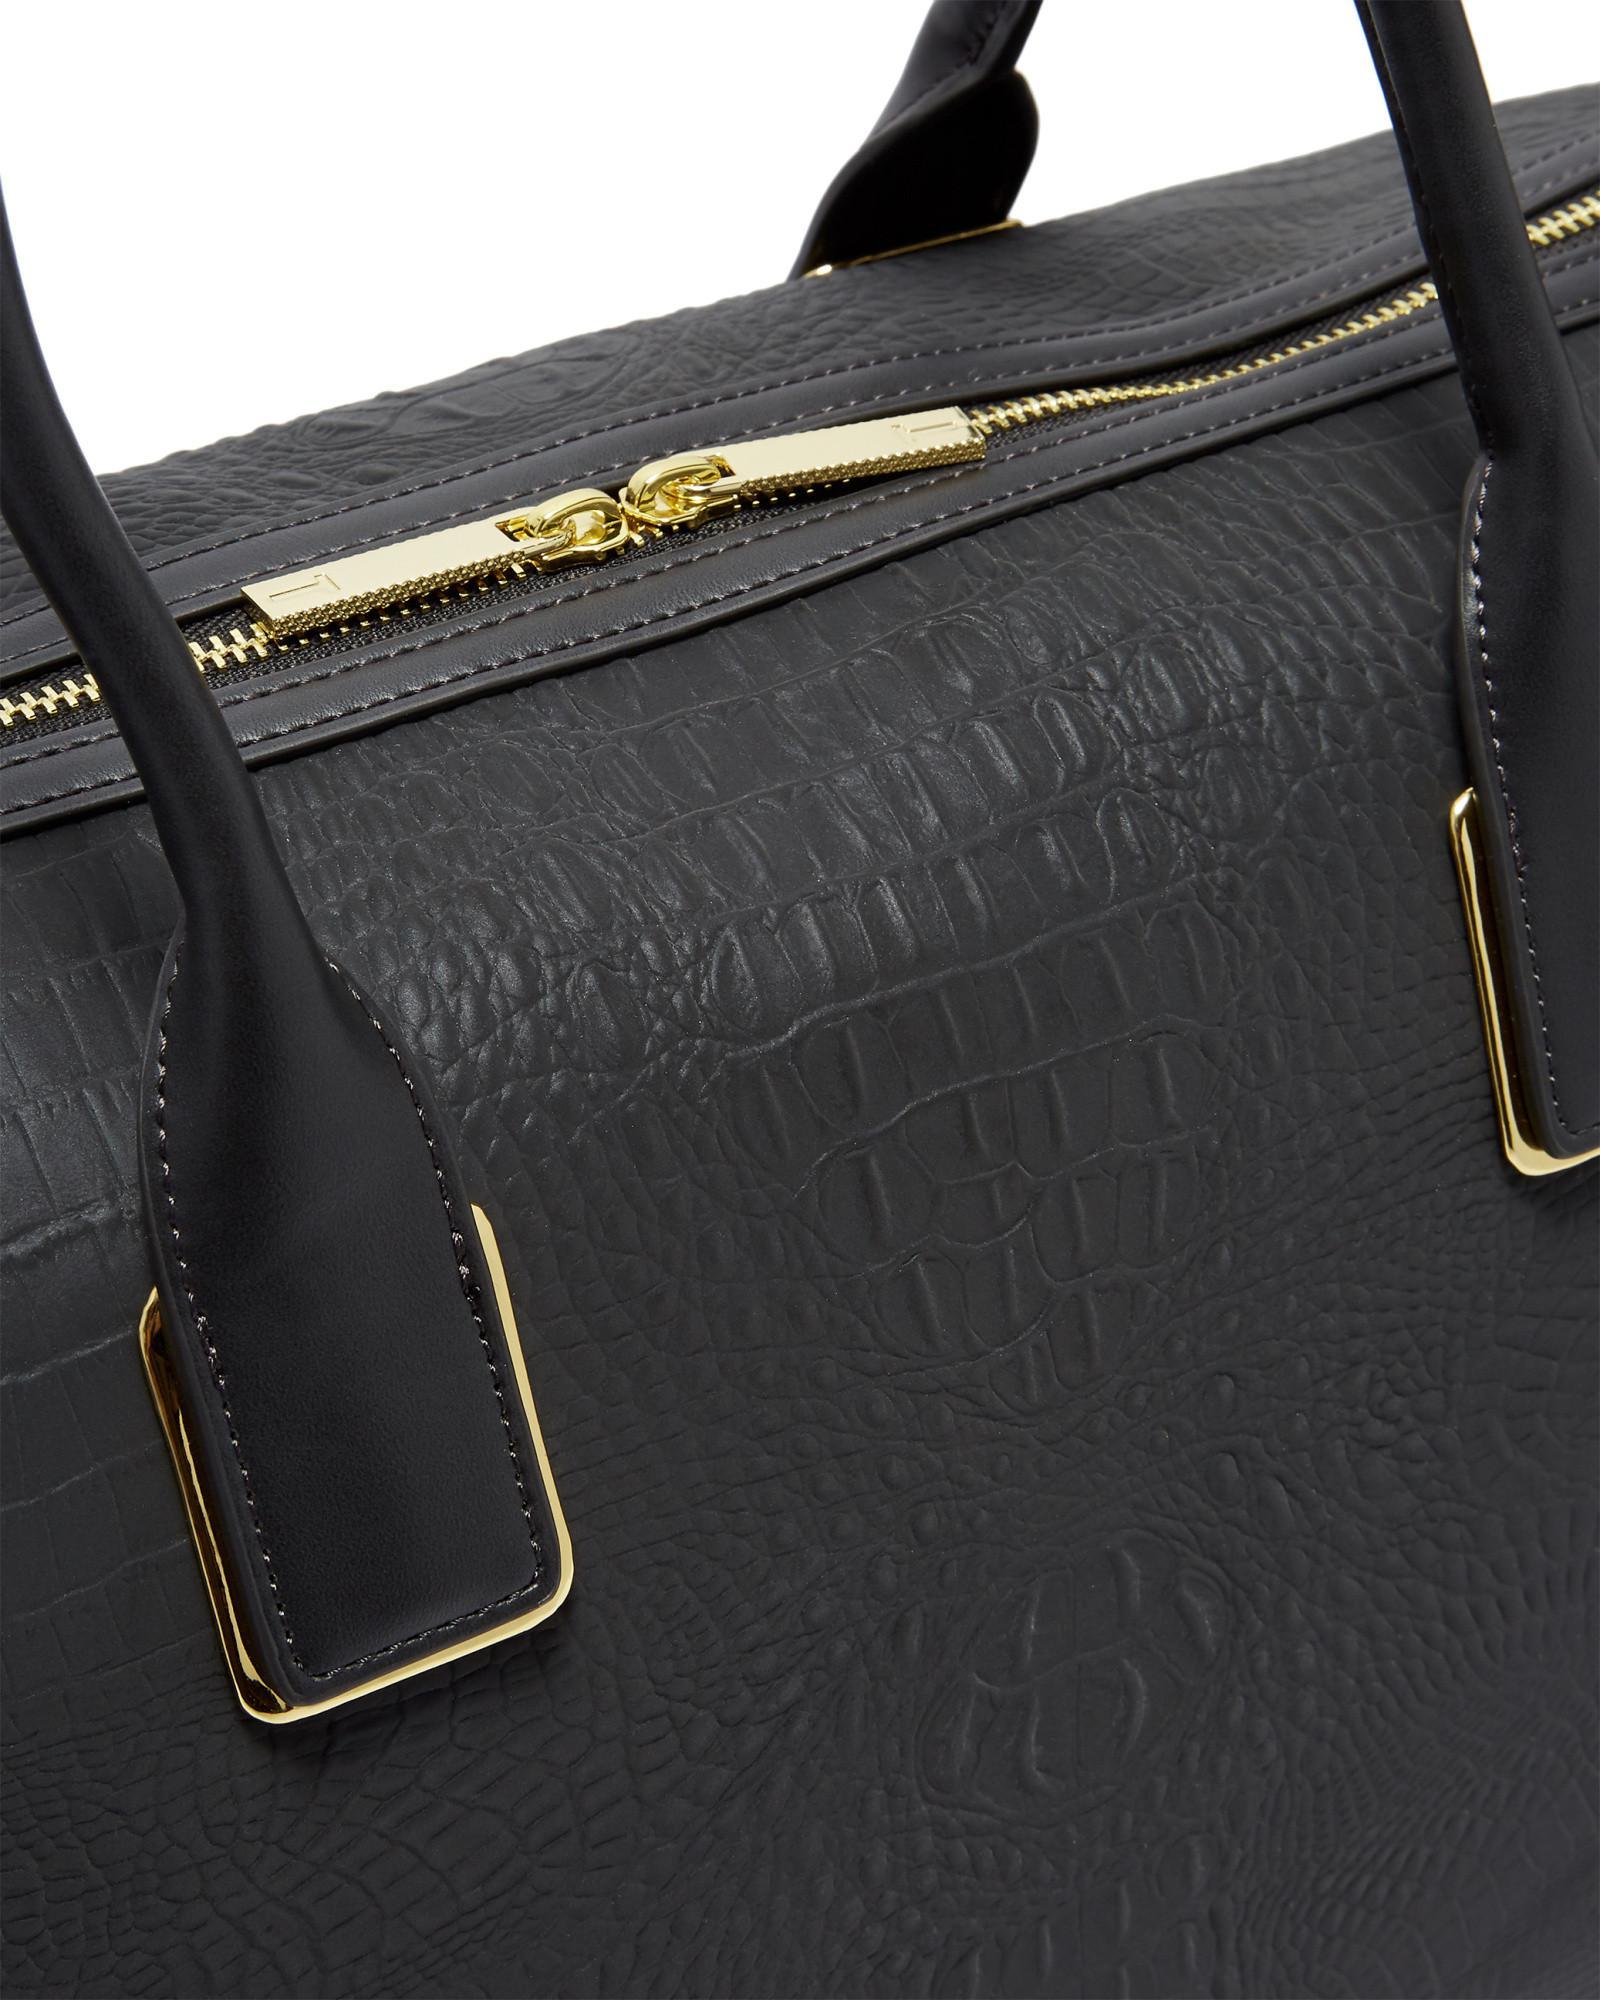 1149c27a6c43 Ted Baker Croc Embossed Duffel Bag in Black - Lyst